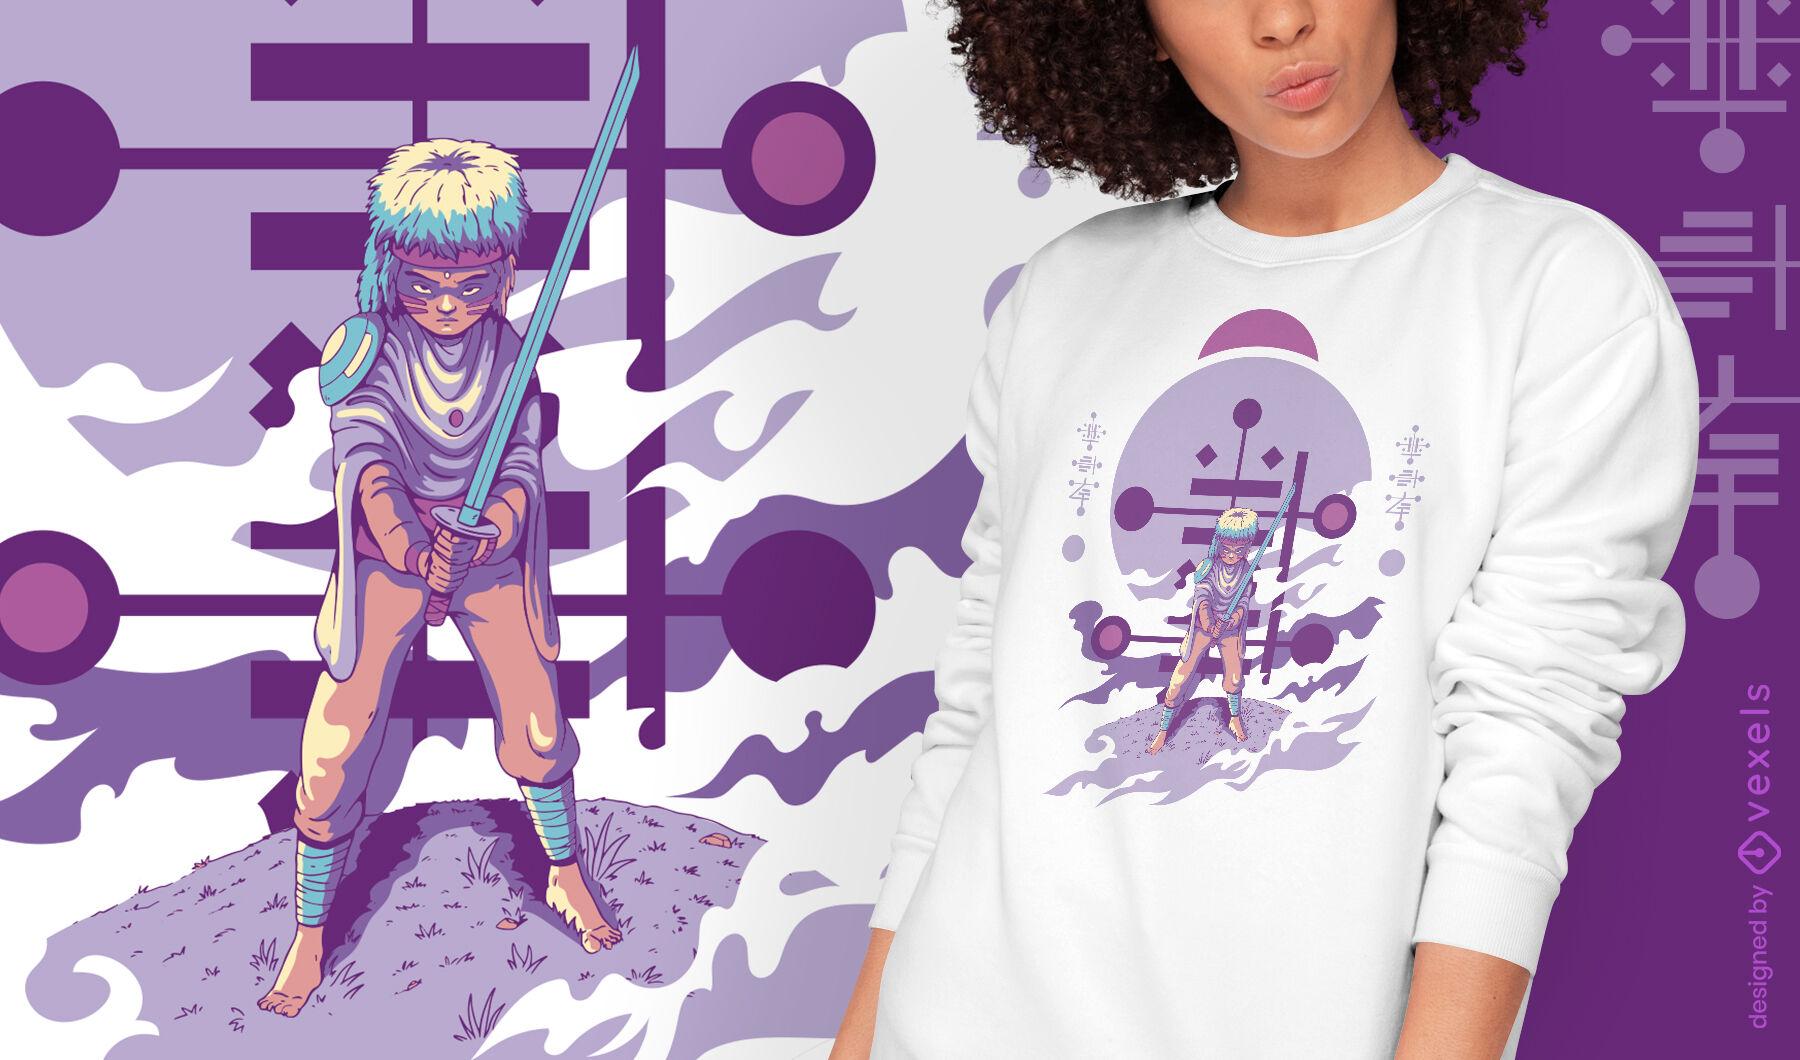 Extraterrestre humanoide joven con diseño de camiseta de espada